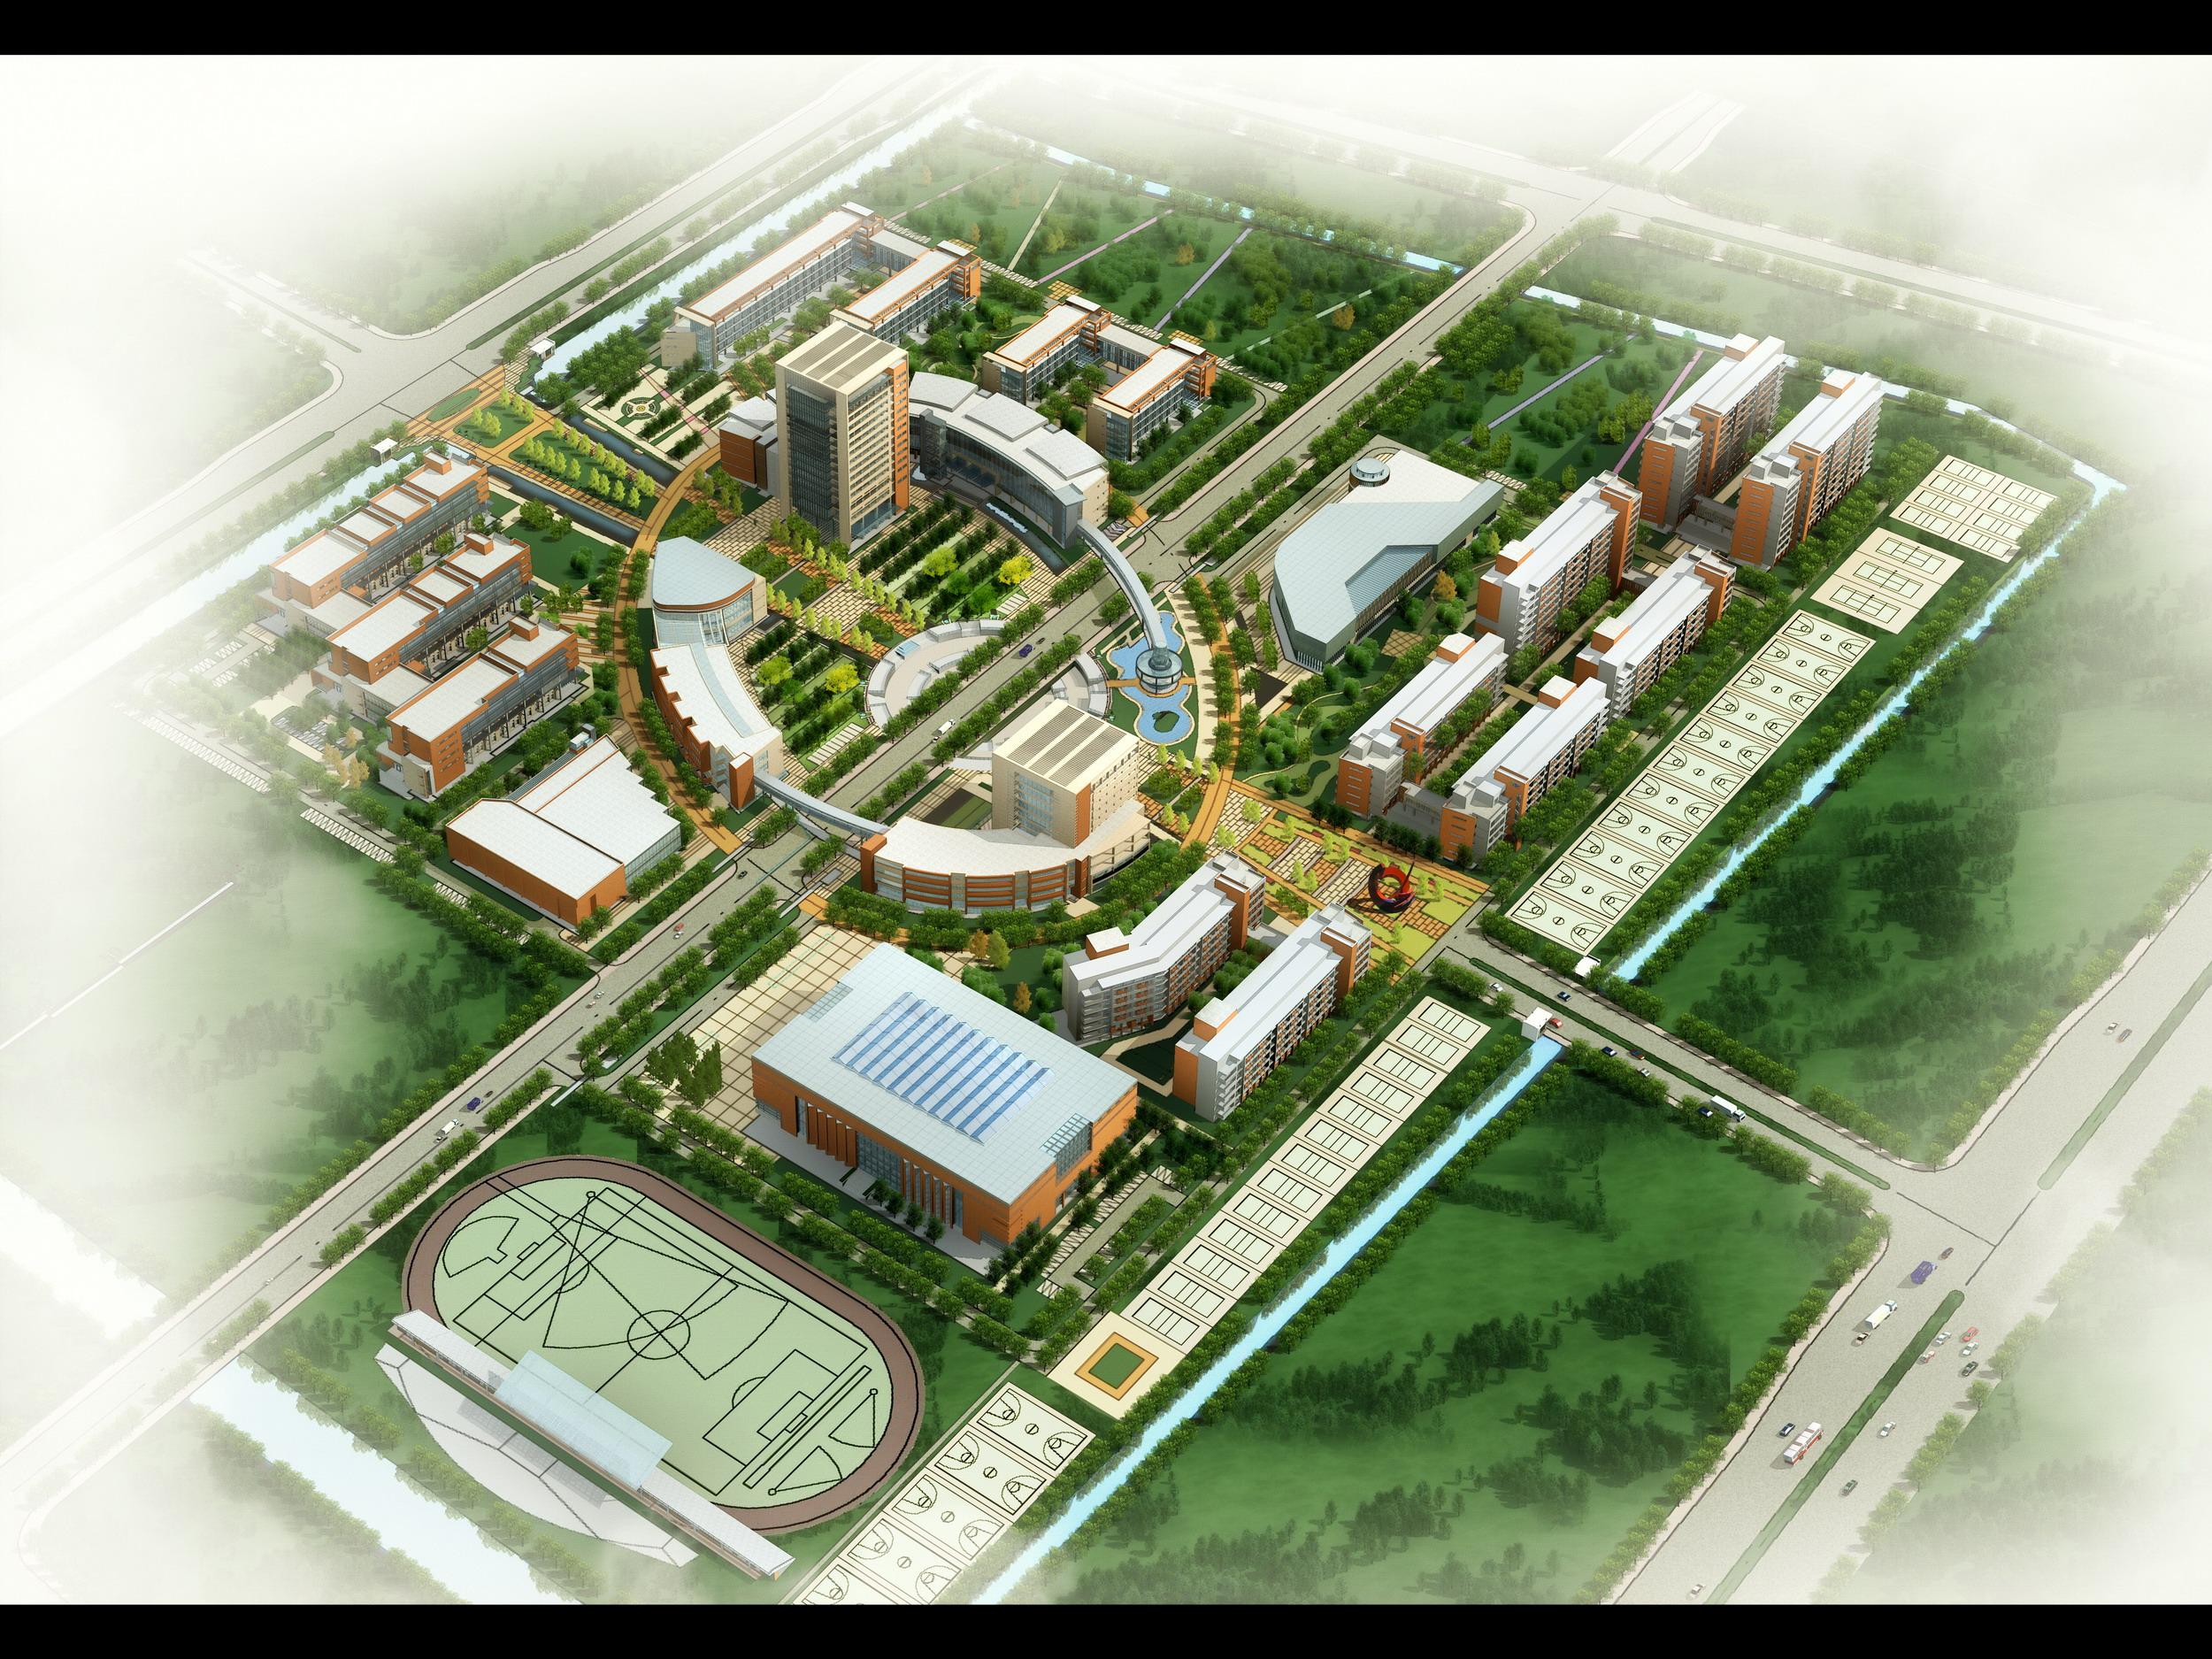 苏州工业园区外包学院鸟瞰图